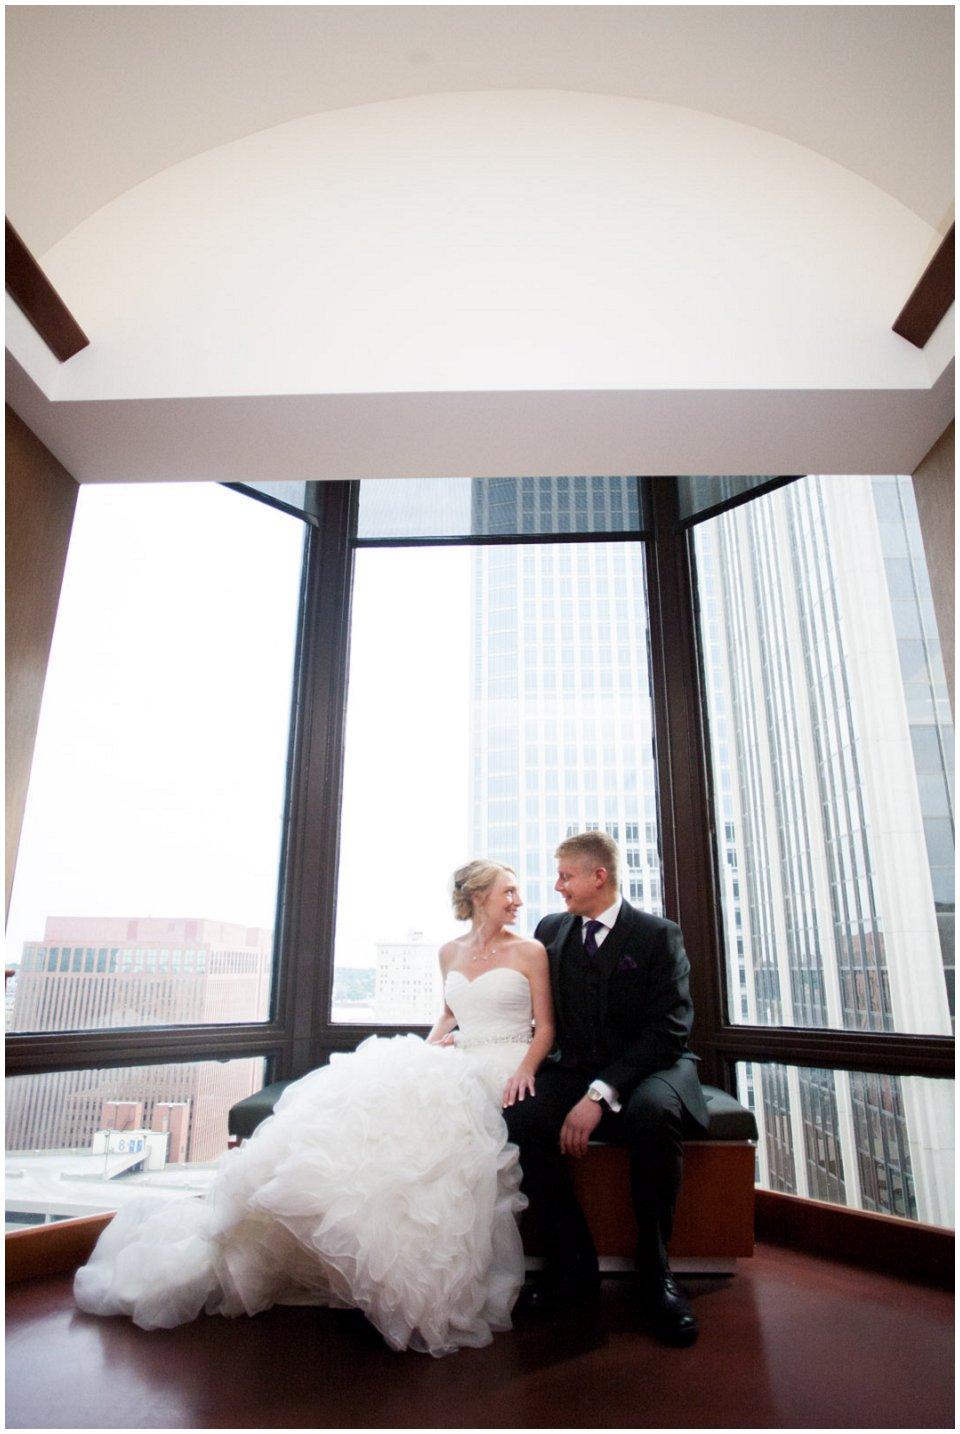 Omaha_Wedding_Doubletree_RobertJeanette05.jpg